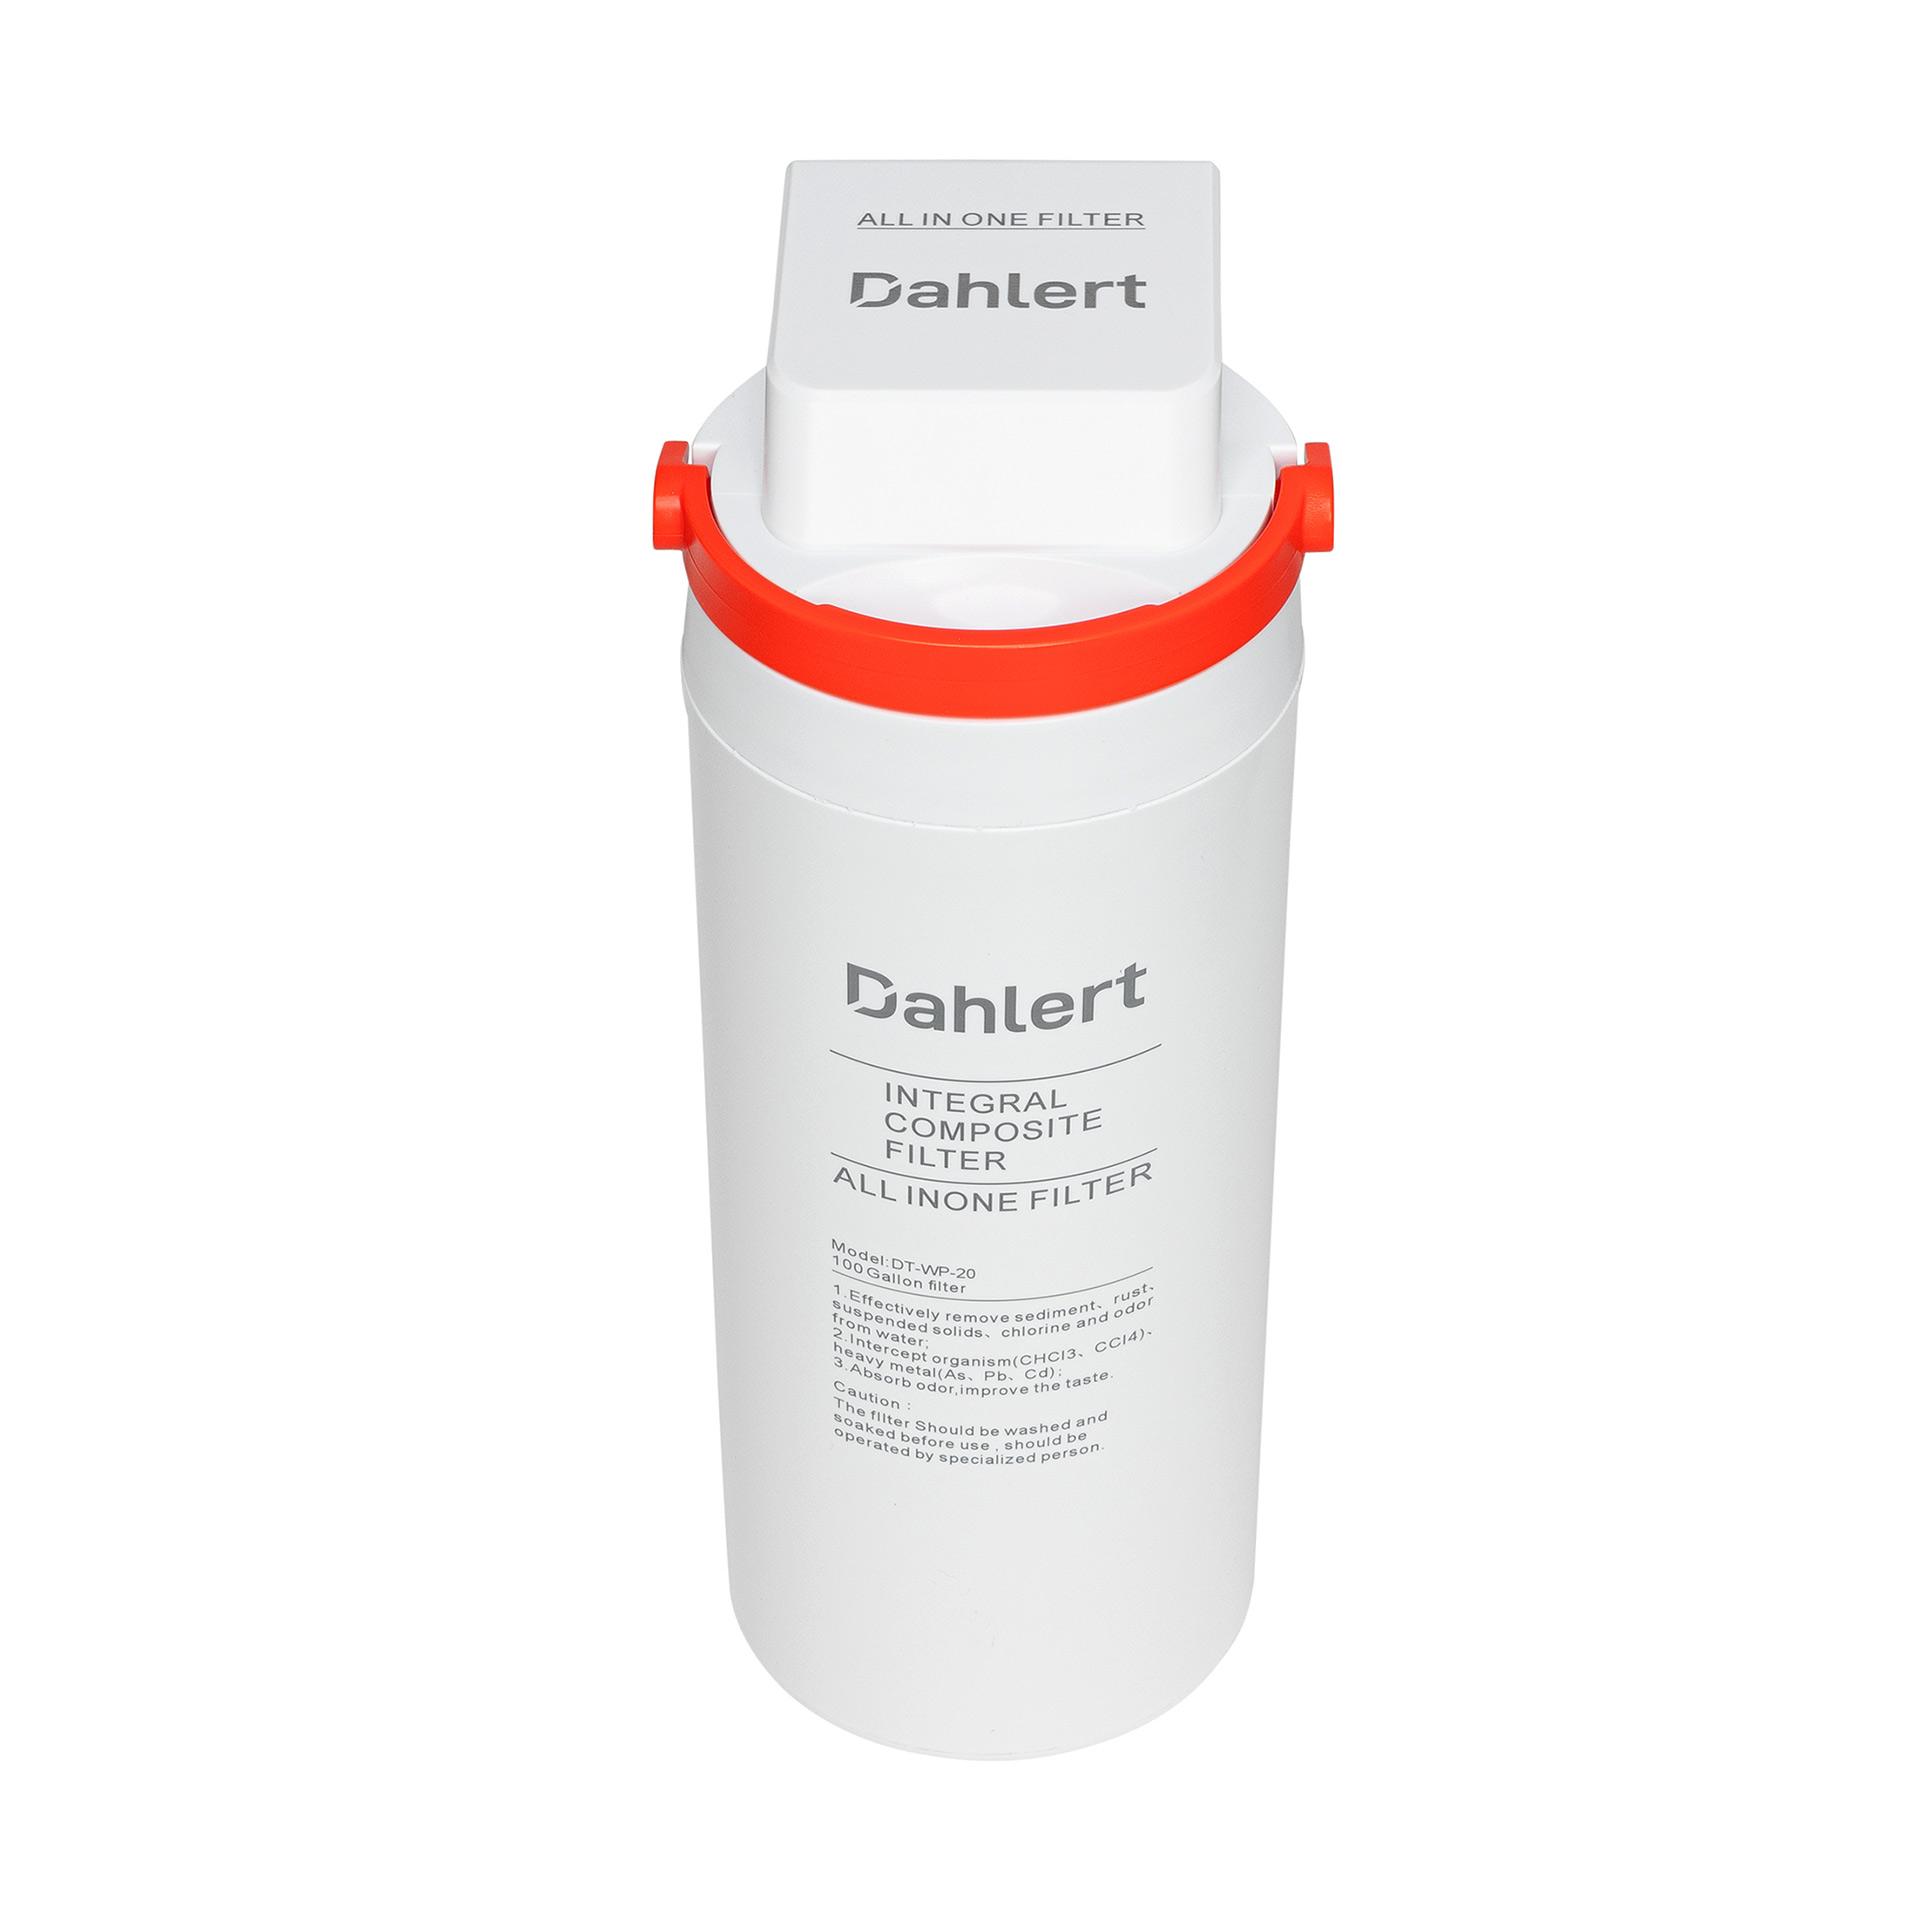 Dahlert Wasserfilter DT-WP-20 Weiß